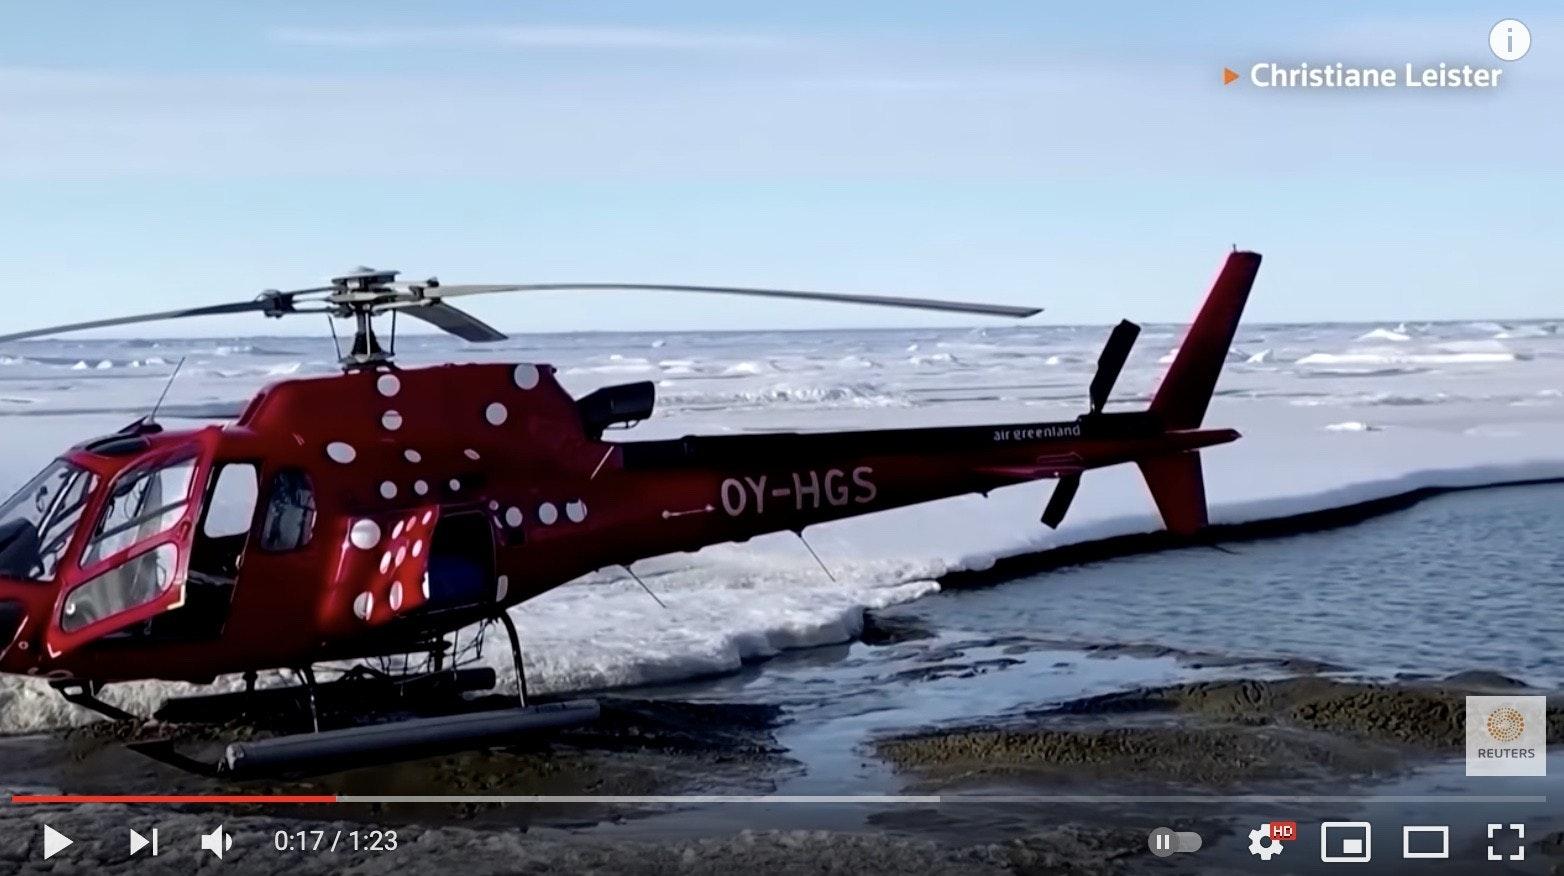 照片中提到了> Christiane Leister、air greenland、- OY-HGS,包含了科學家、格陵蘭、科學家、地球、陸地最北端